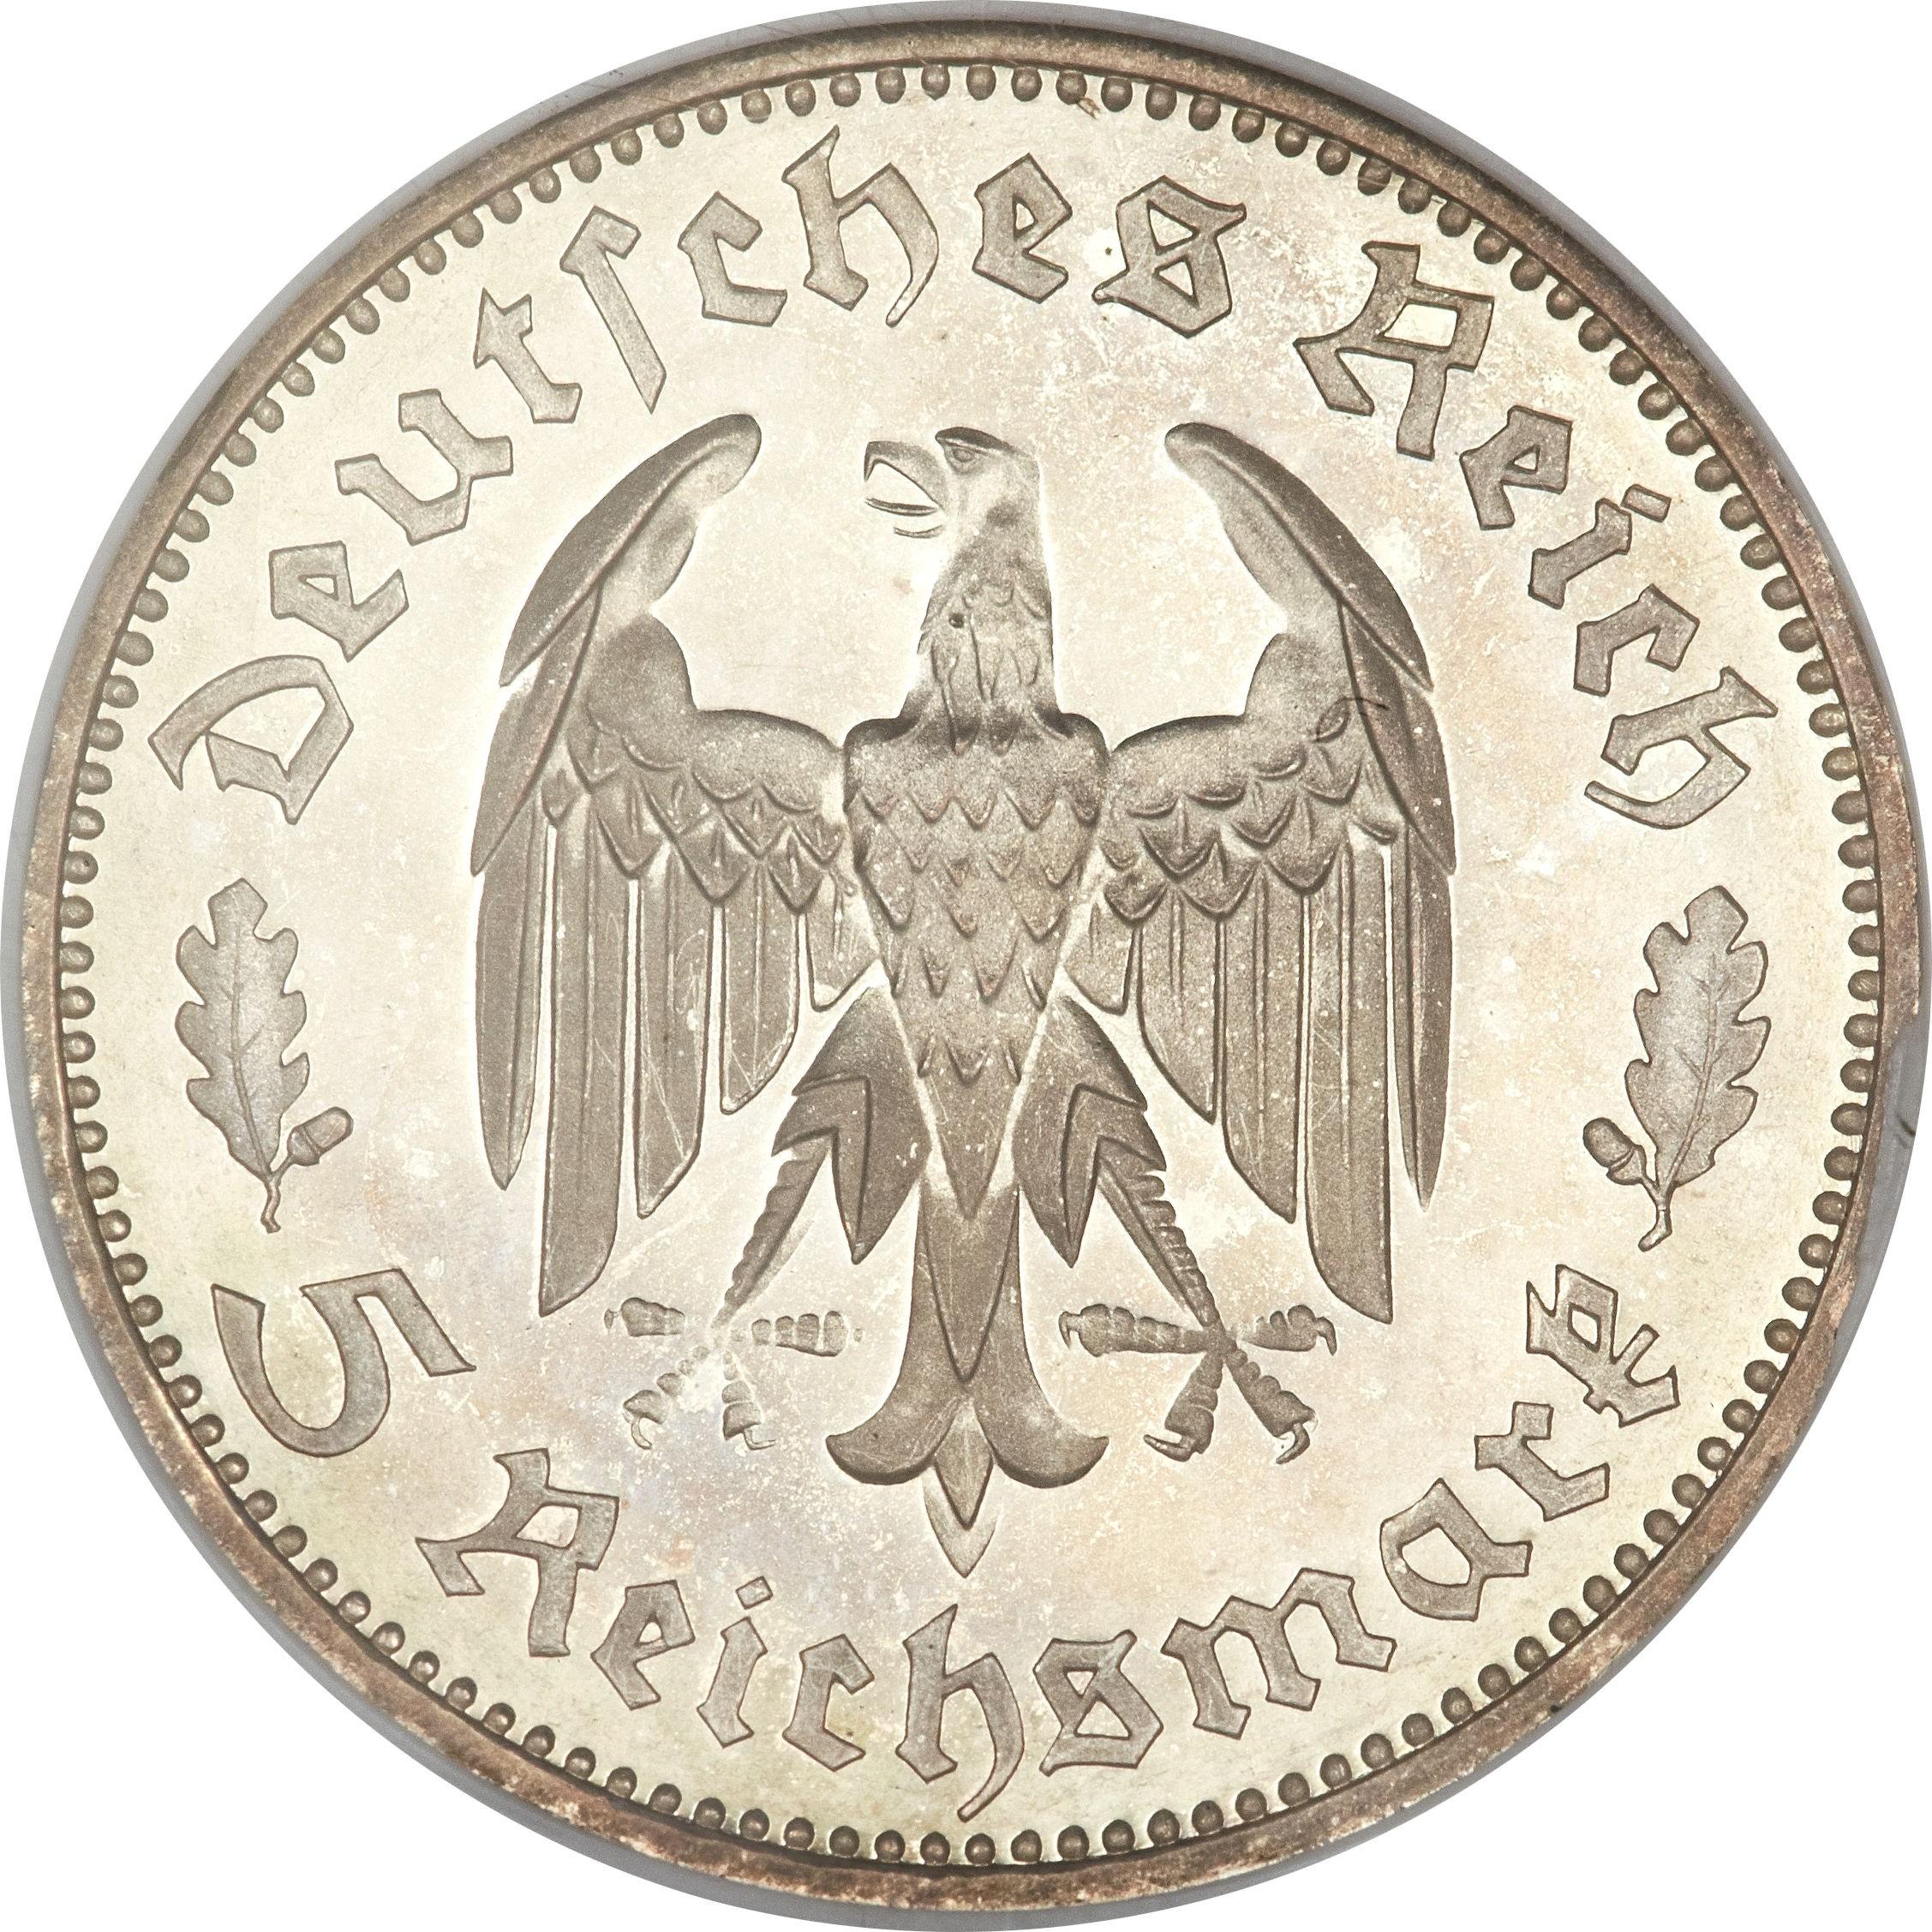 Germany 5 Reichsmark (1934 Friedrich Schiller)